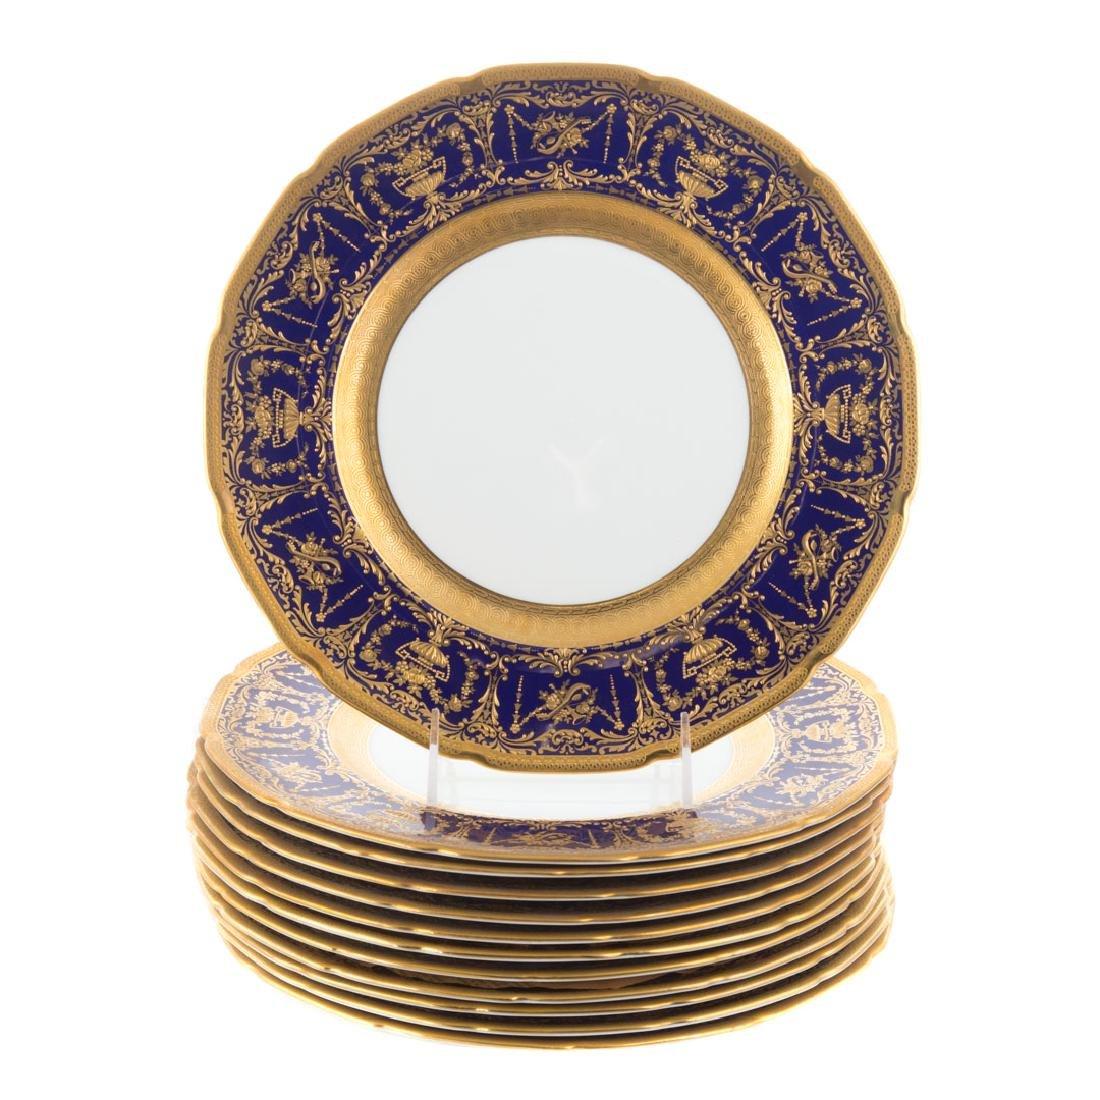 12 Royal Doulton cobalt banded cabinet plates